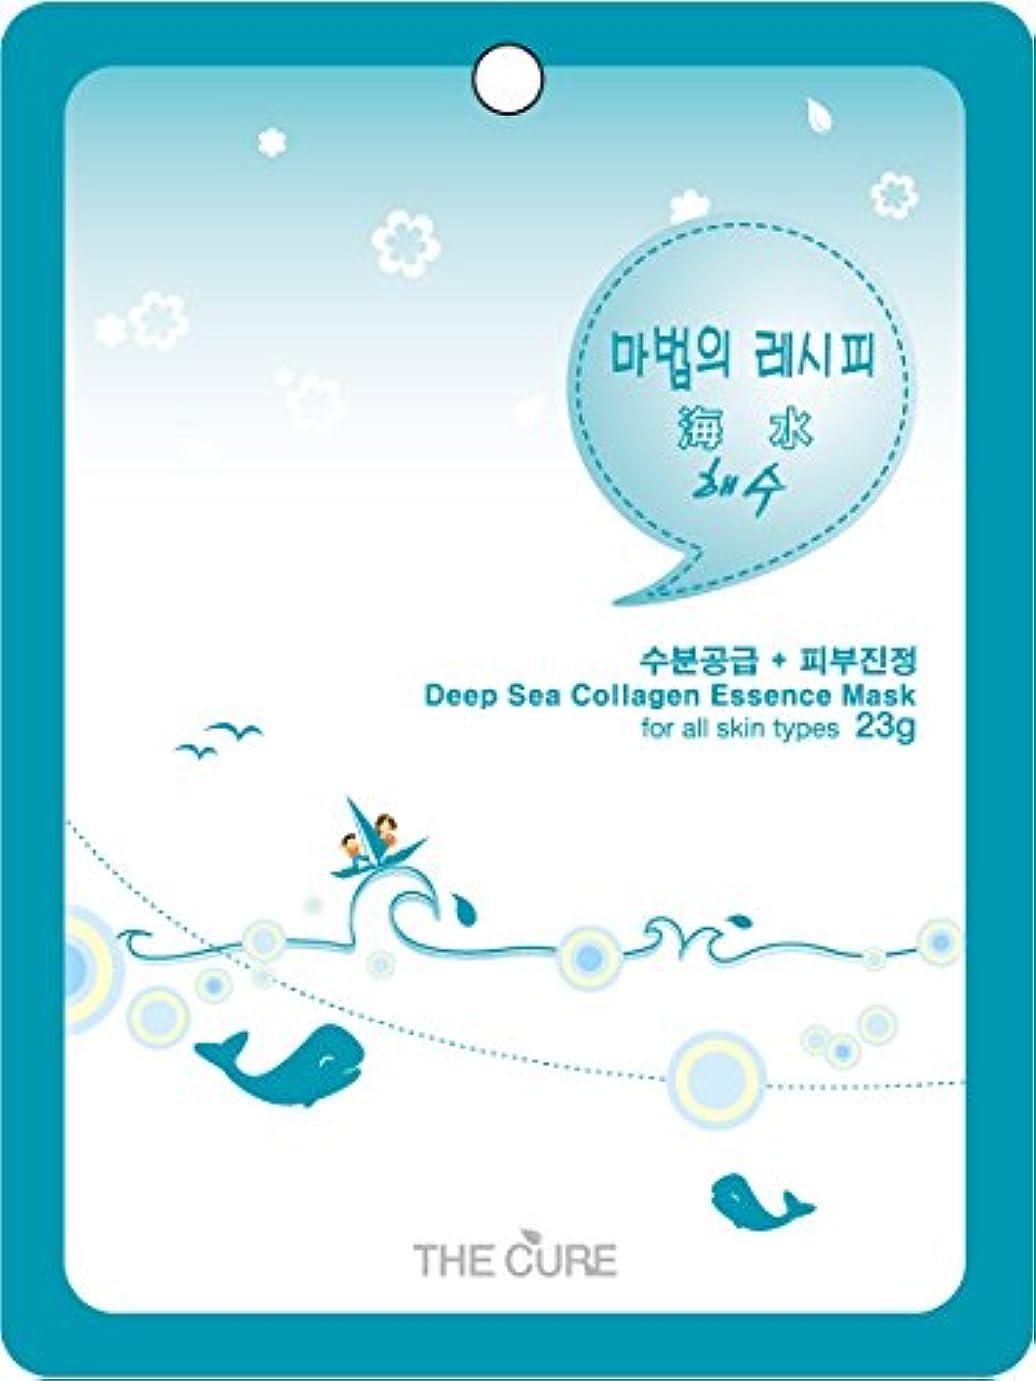 コスト例示する罪人海水 コラーゲン エッセンス マスク THE CURE シート パック 100枚セット 韓国 コスメ